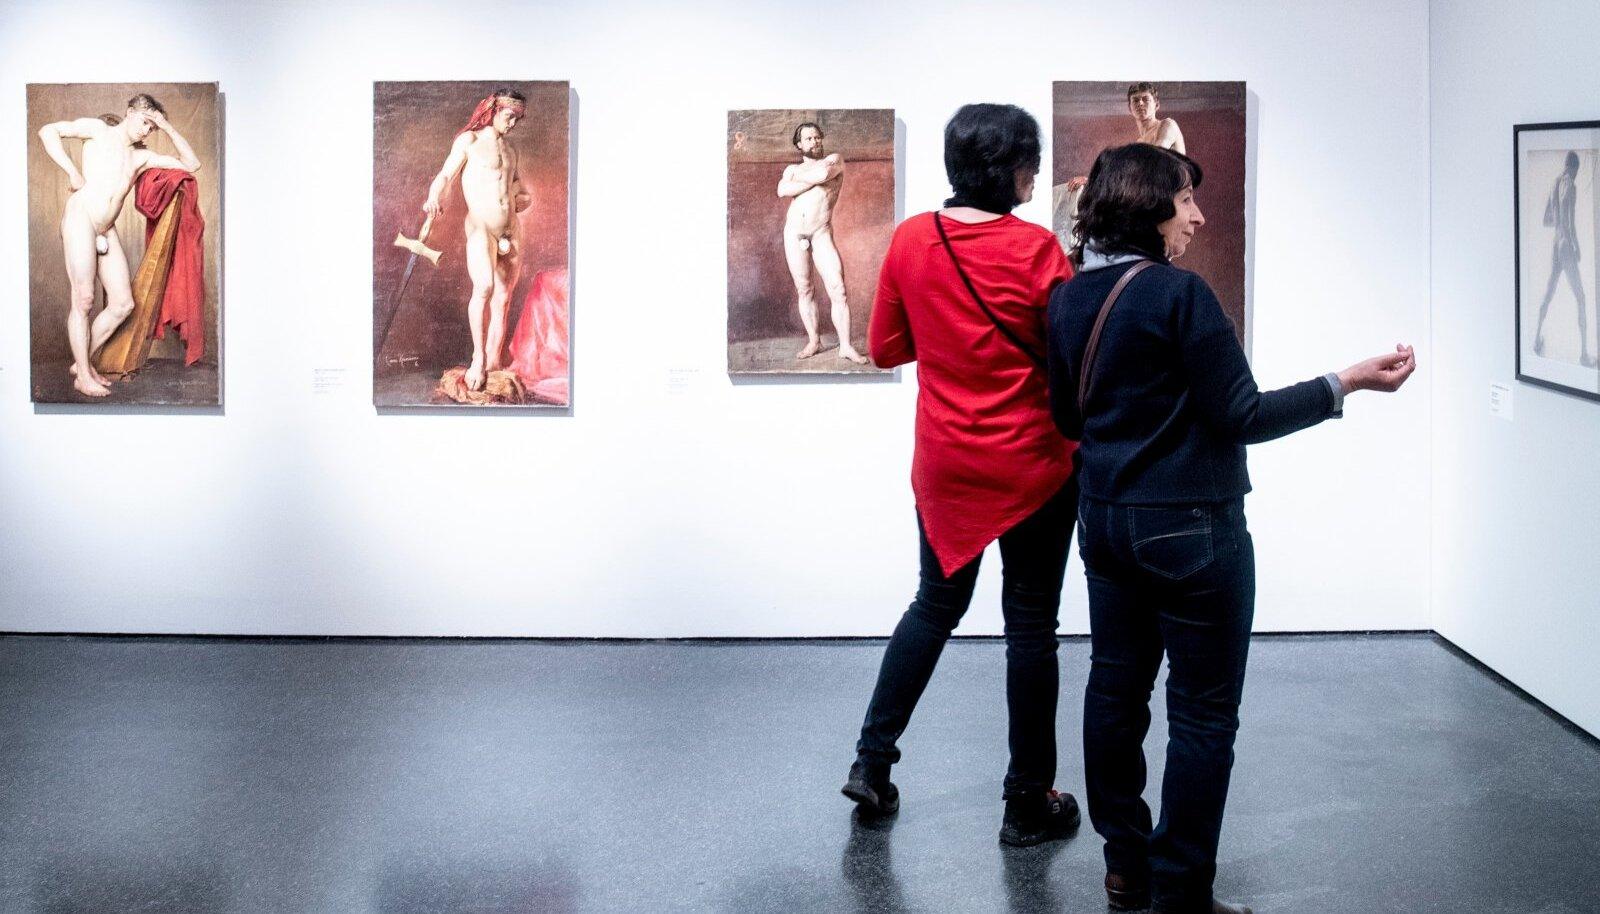 Sally von Kügelgeni kinnikaetud genitaalidega meesaktimaalid osutavad Peterburi kunstiakadeemia progressiivsusele 1880. aastatel.